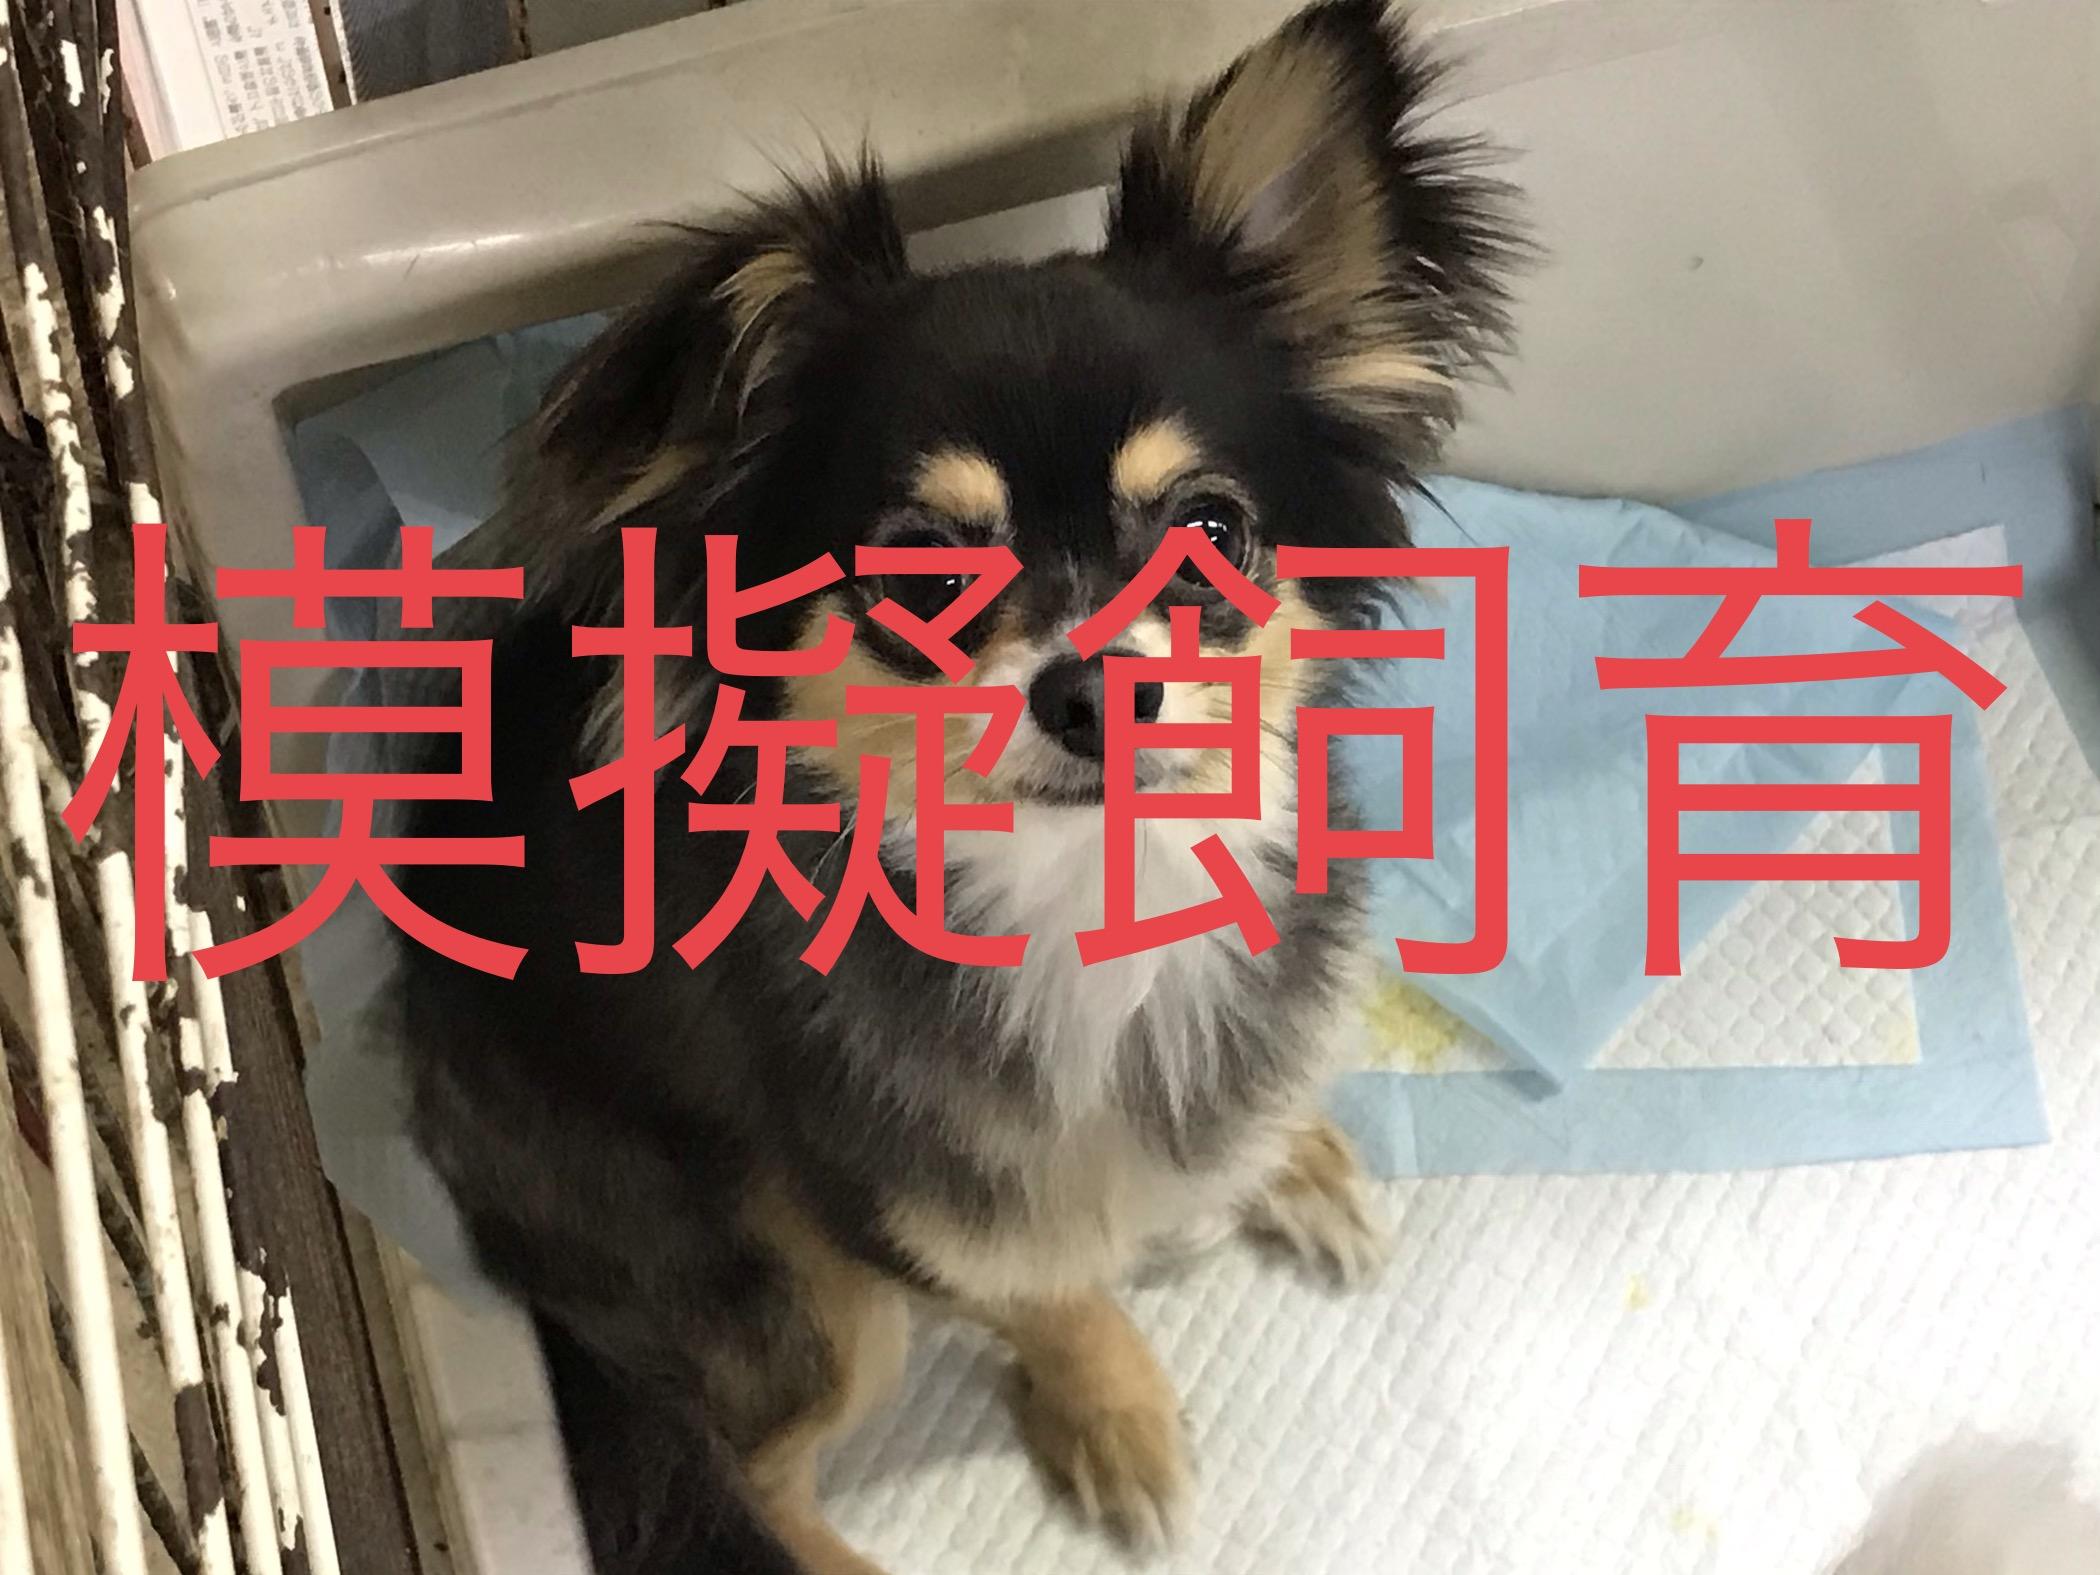 <ul> <li>犬種:チワワ (BT)</li> <li>性別:男の子</li> <li>名前:ムギ</li> <li>年齢:2016年11月</li> <li>保護経緯:飼い主様の諸事情のため飼育困難になりました</li> </ul>